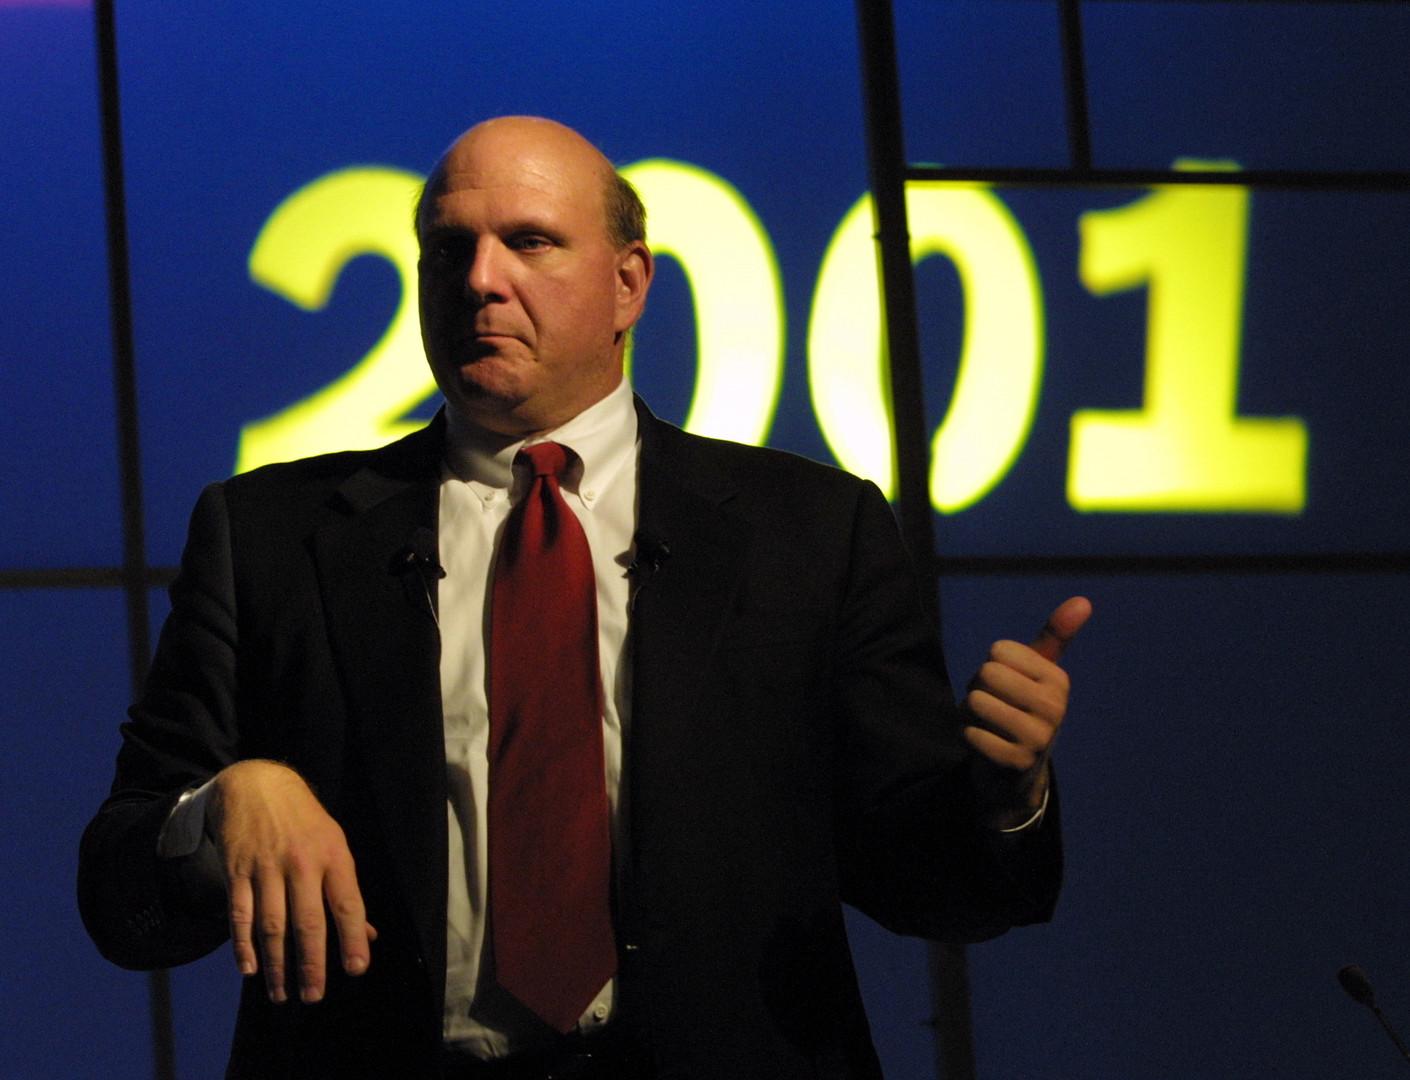 Steve Ballmer,Director of Microsoft.